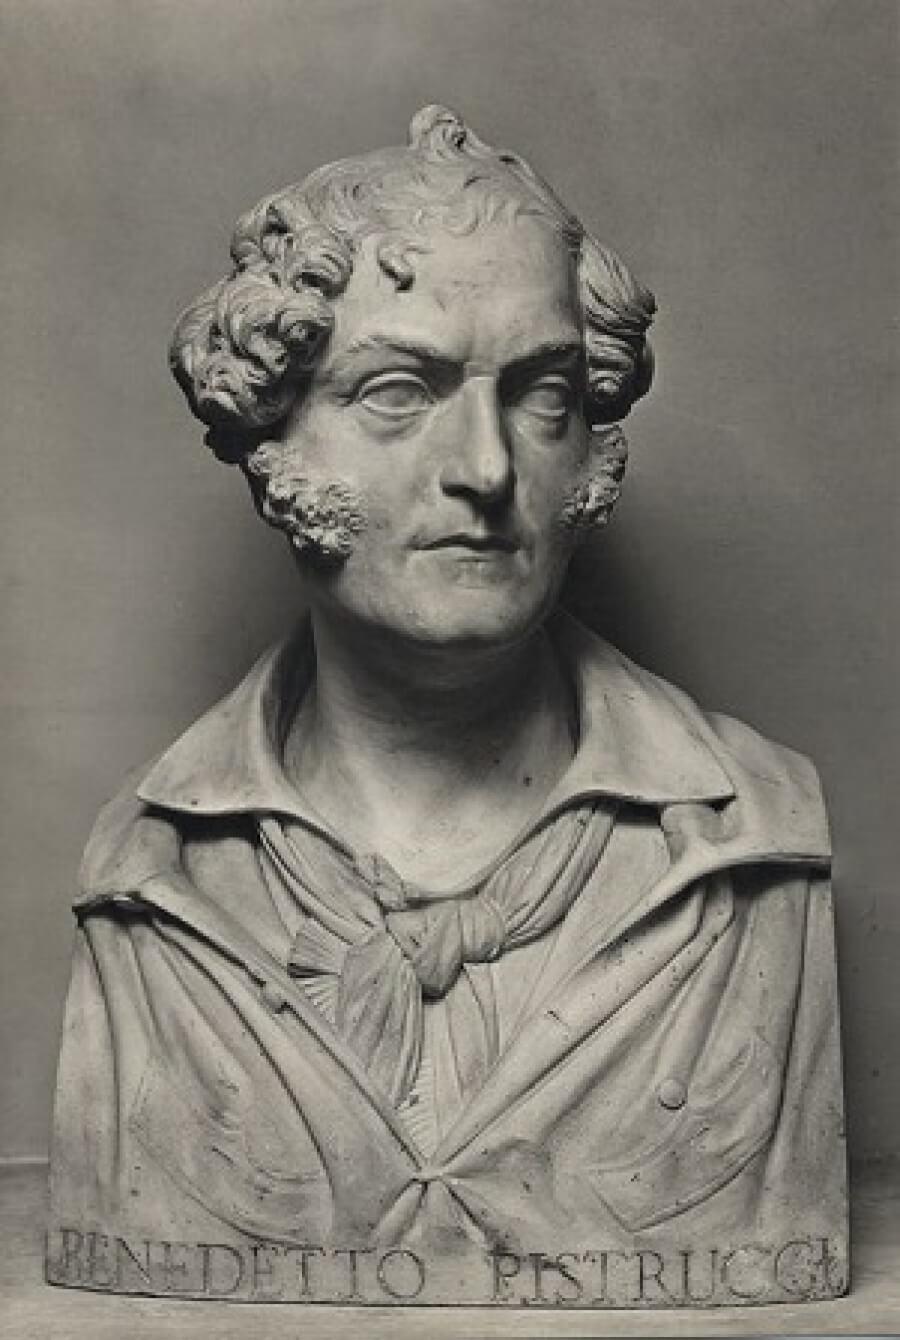 Busto di Benedetto Pistrucci, autore fra l'altro del san Giorgio che uccide il drago ancora oggi coniato sulle sovrane d'oro britanniche